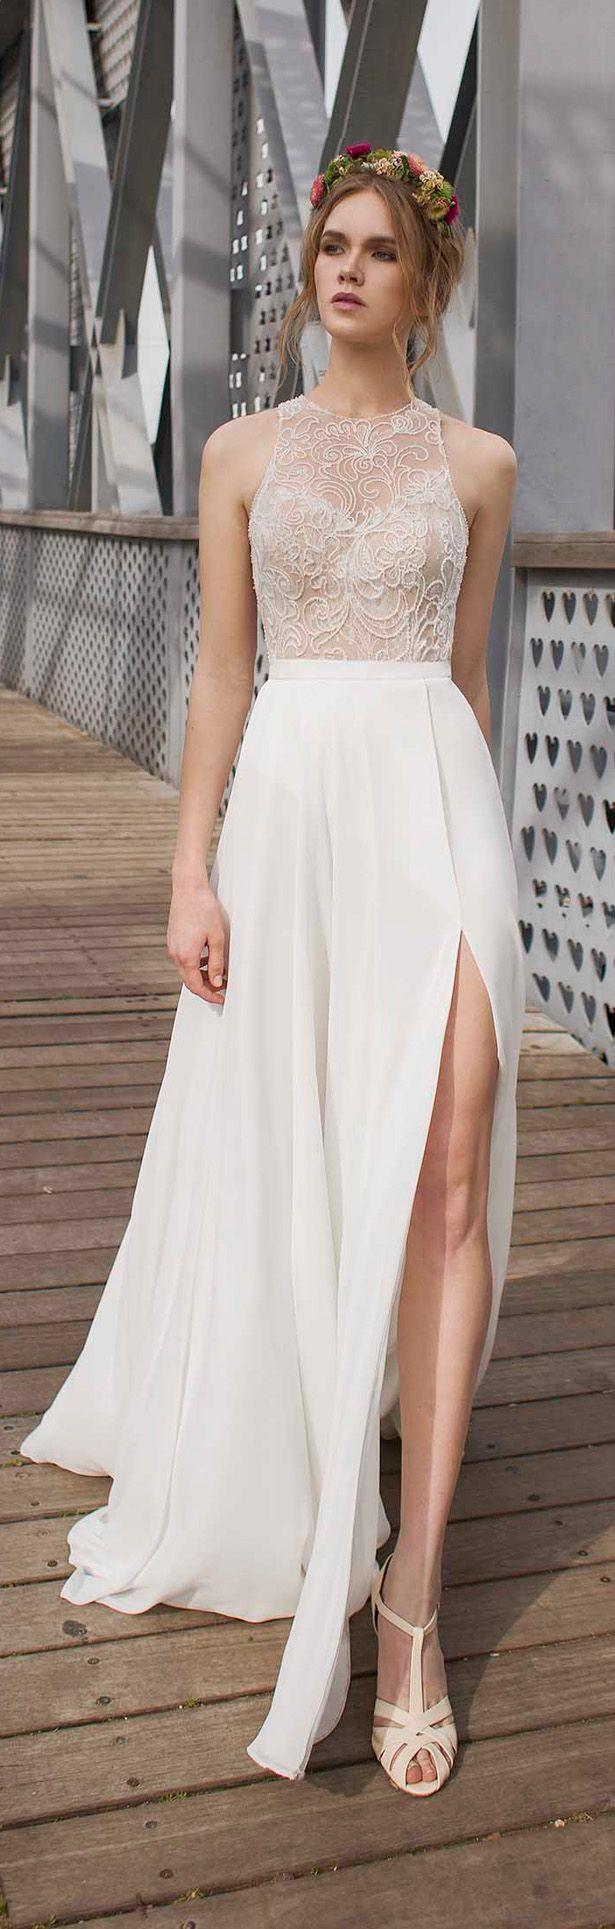 LimorRosen Bridal Urban Dreams Collection